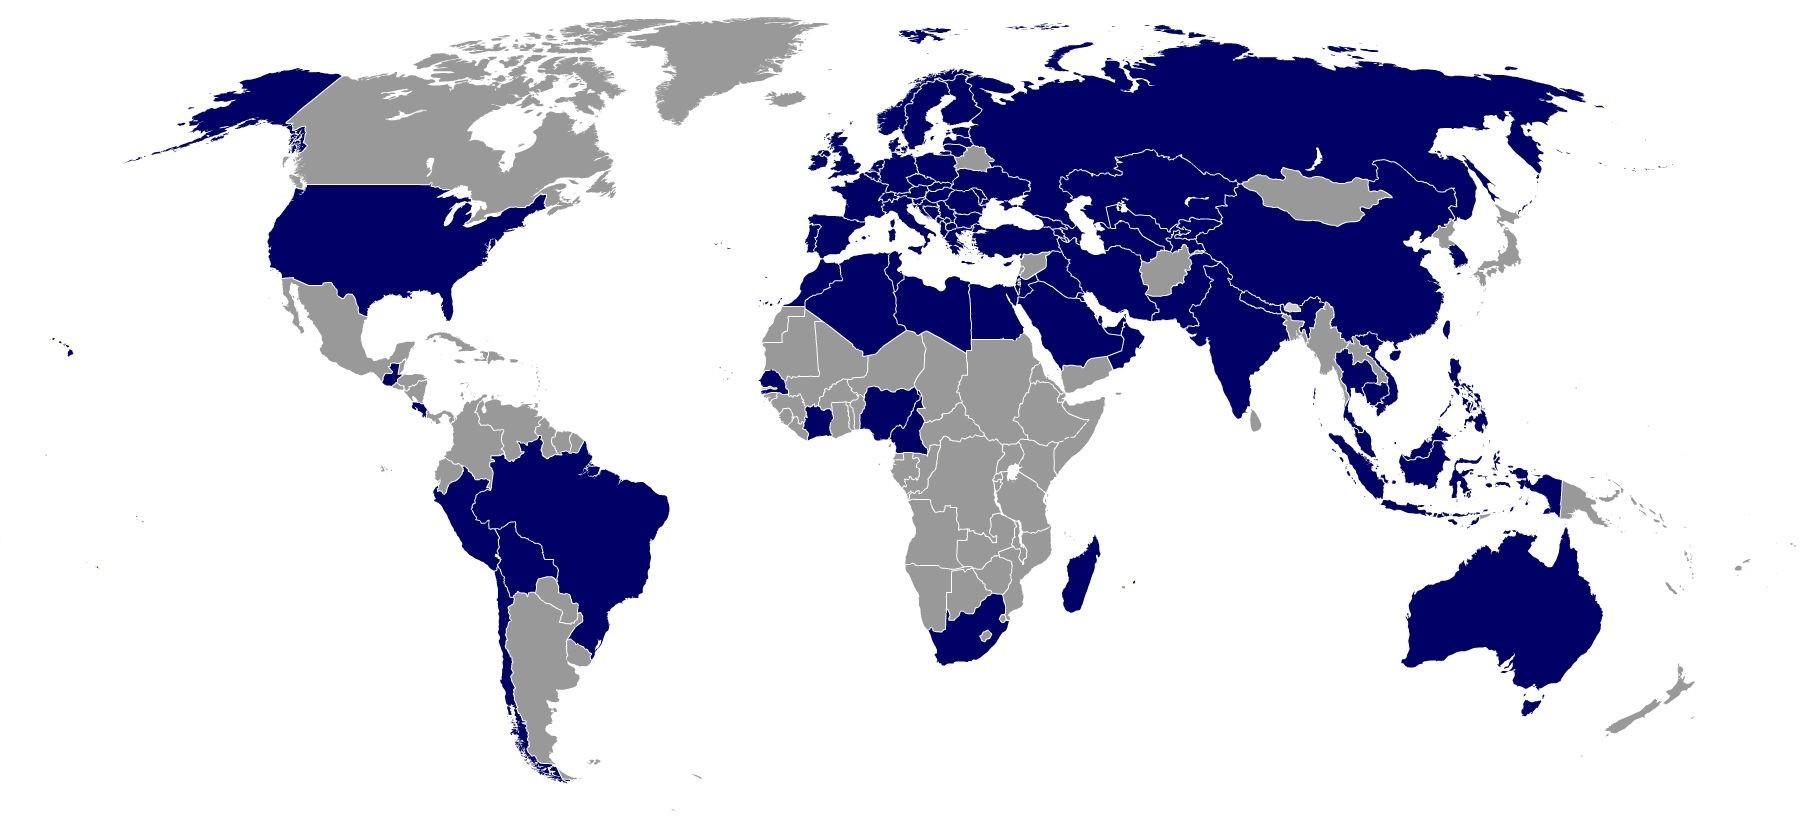 Una rete internazionale - Image